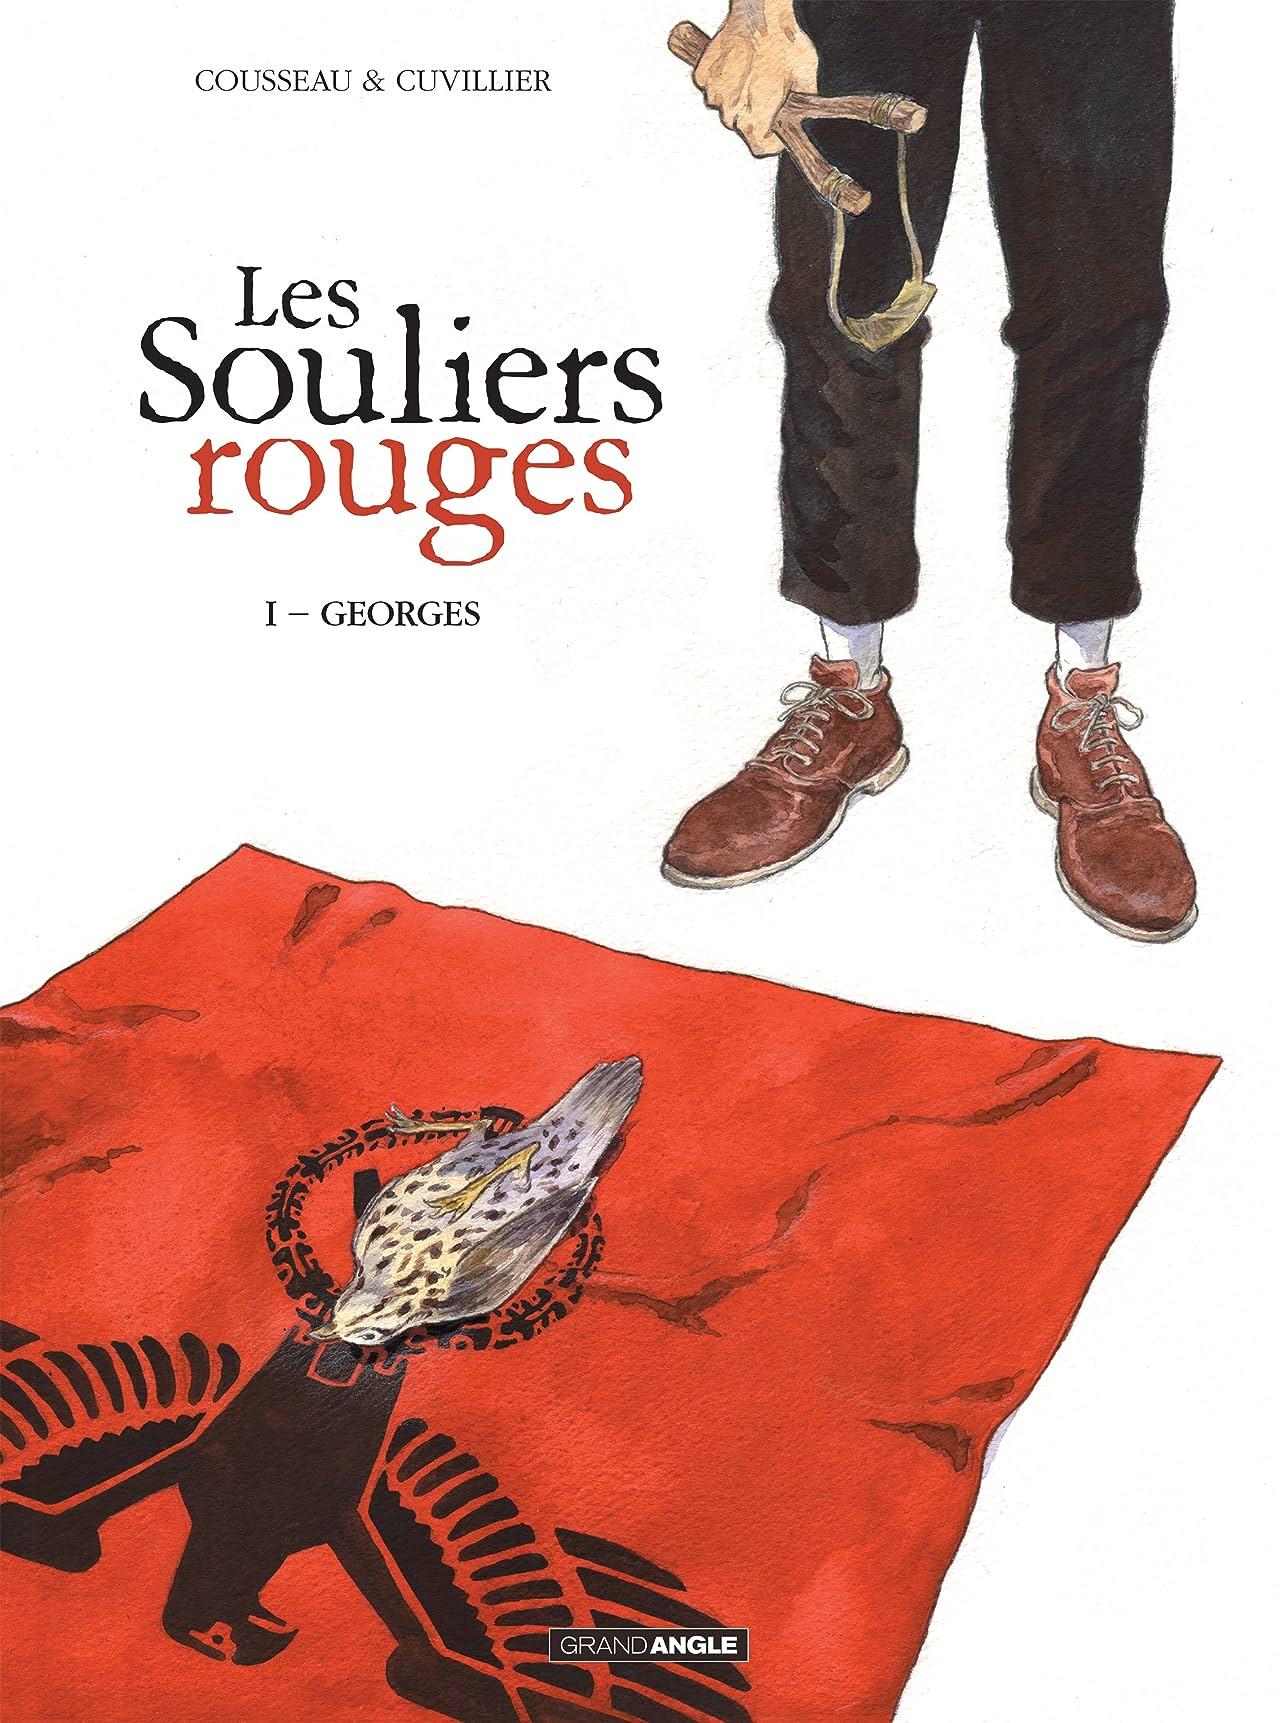 Les souliers rouges Vol. 1: Georges